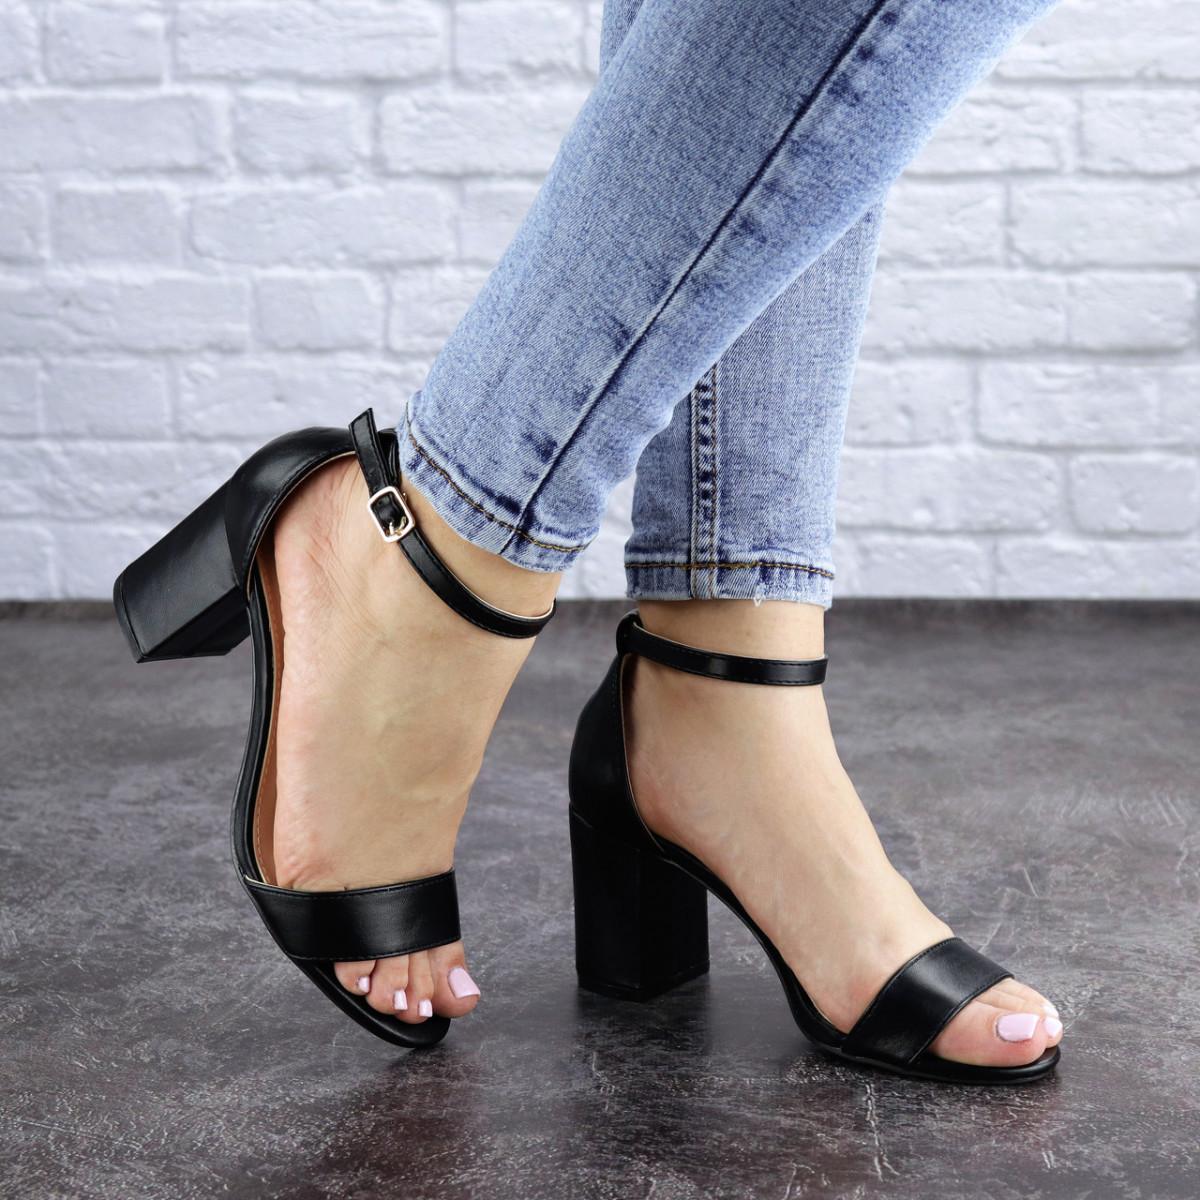 Женские босоножки на каблуке черные Hogie 1976 (39 размер)